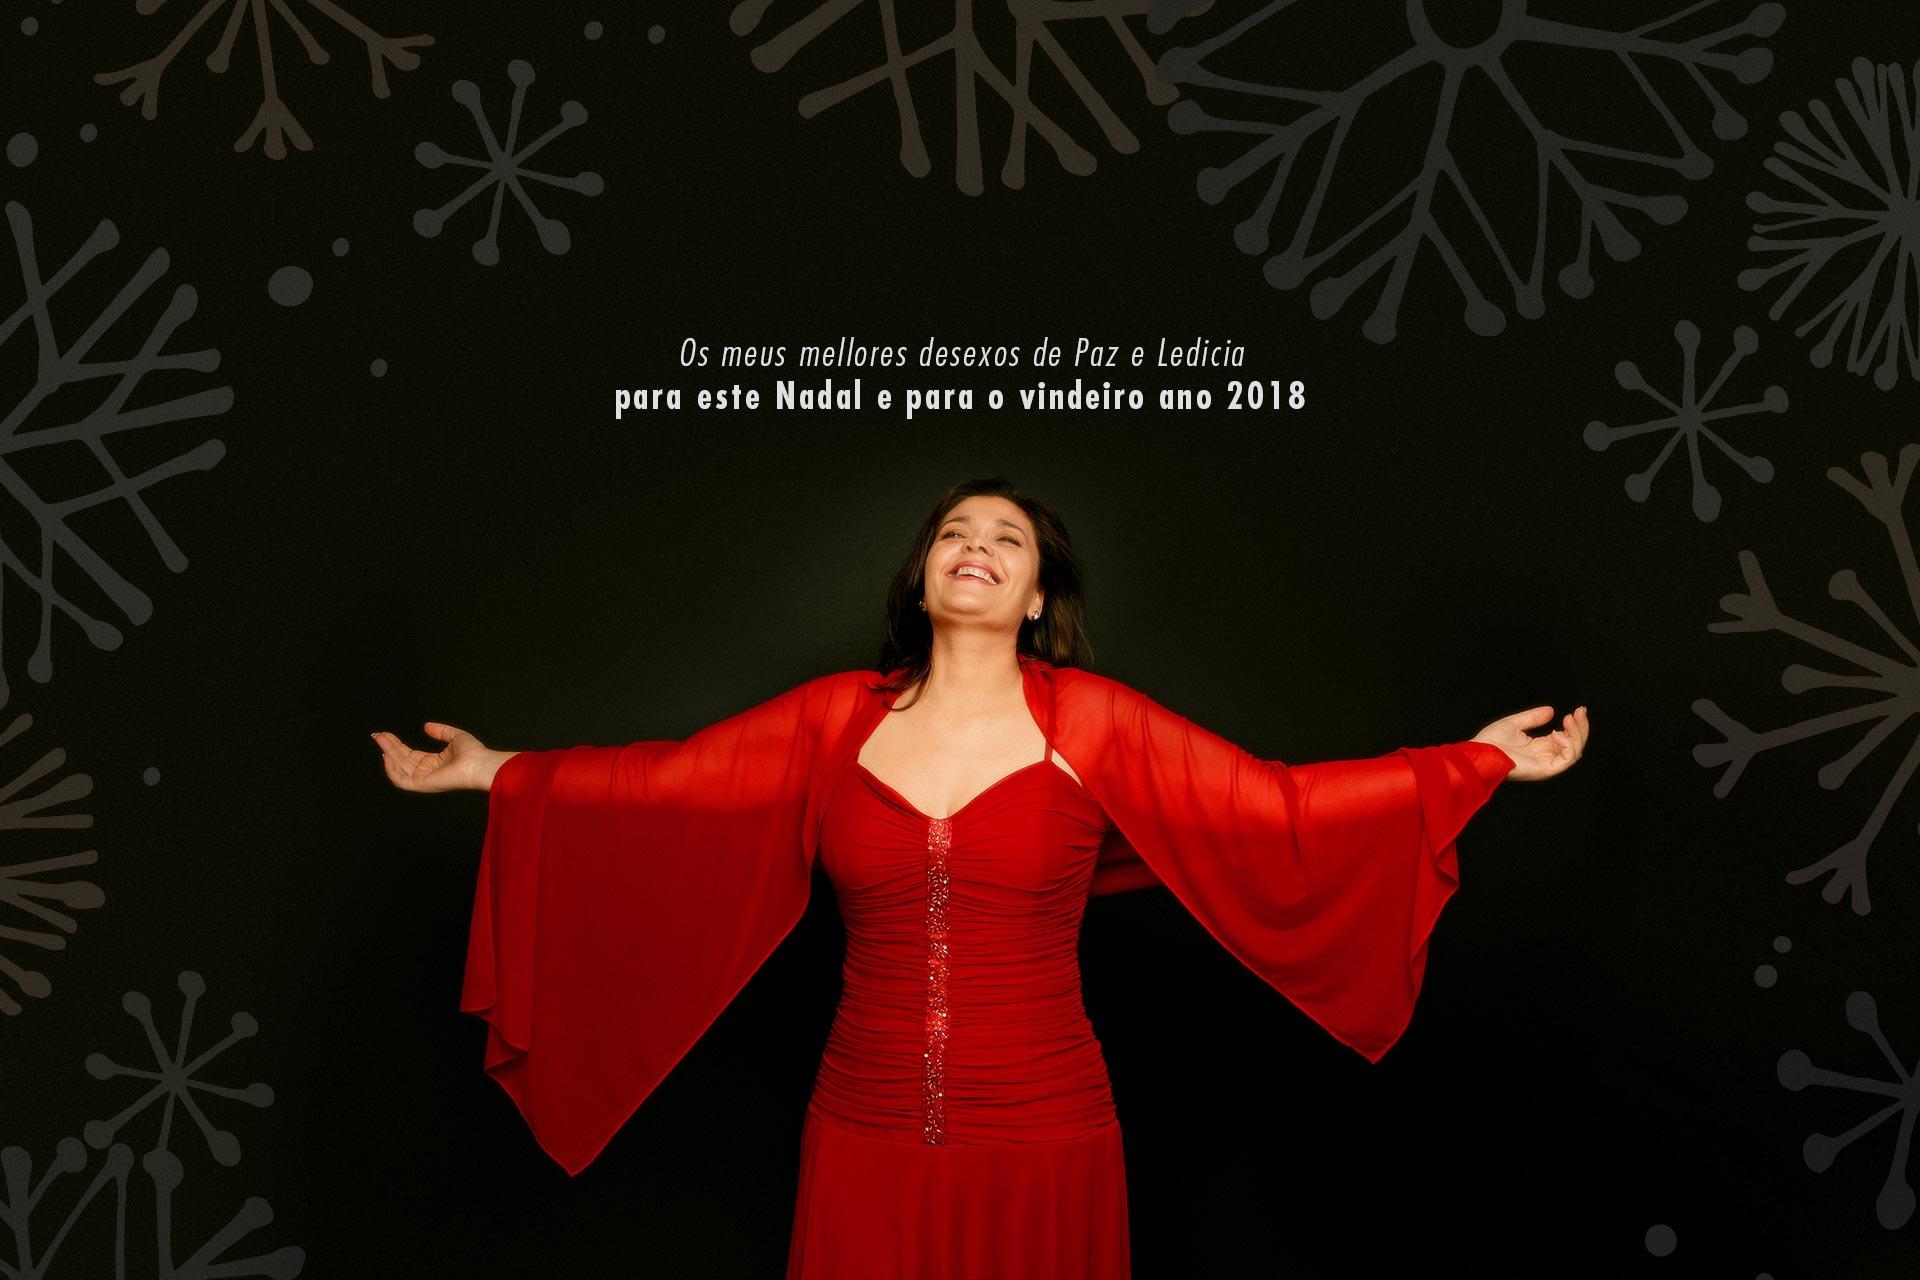 Maria-do-ceo-felicitacion-slide-nadal